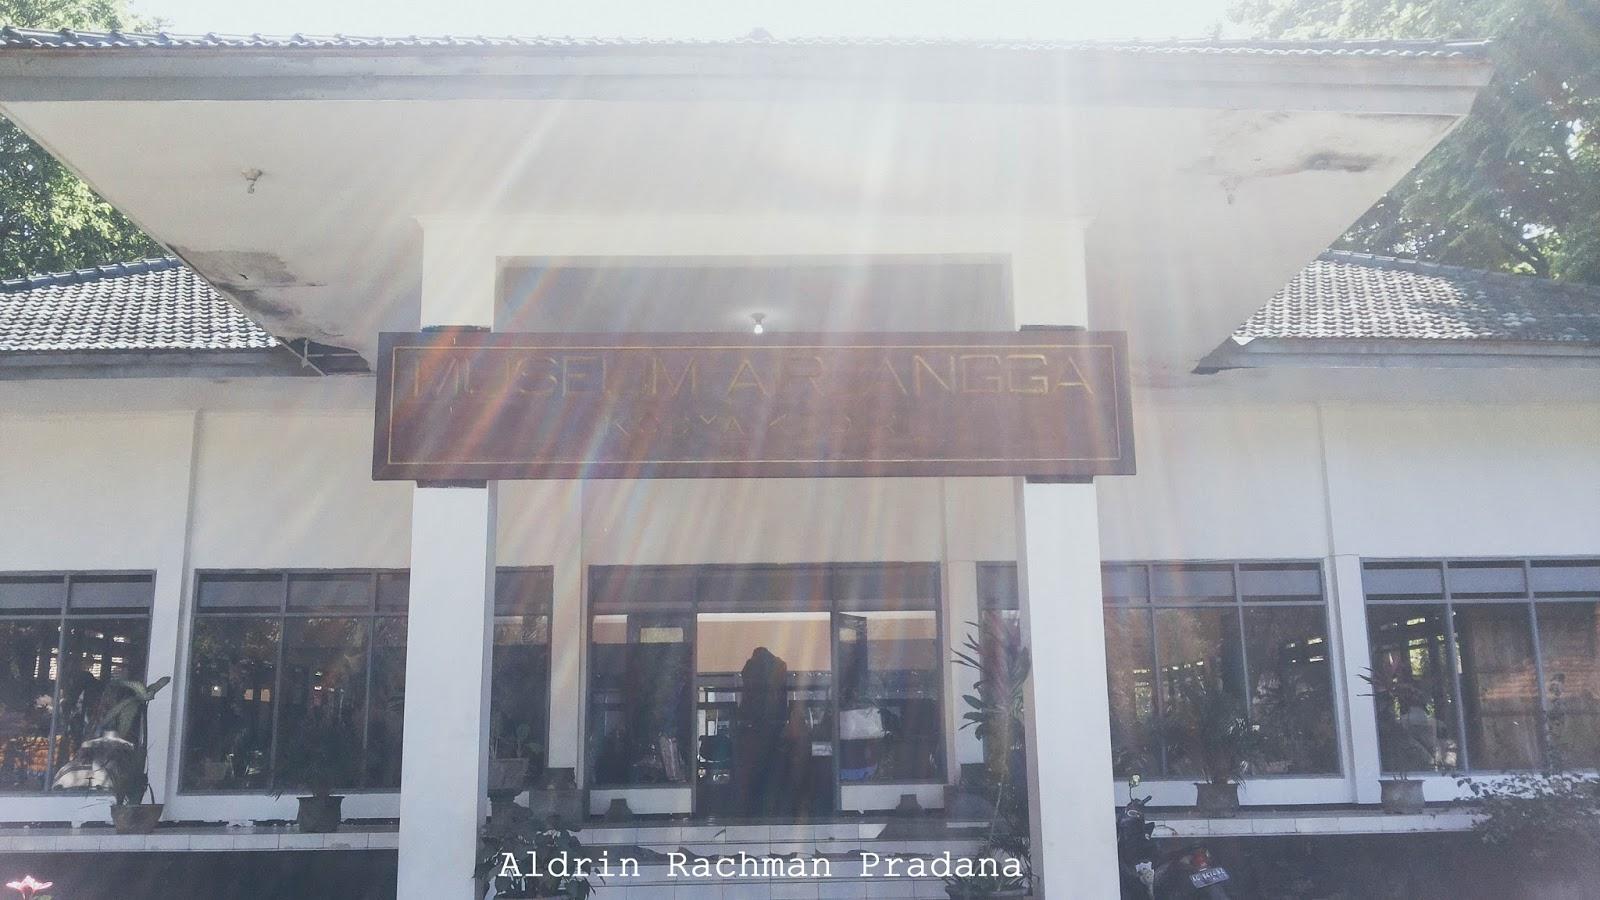 Berwisata Melihat Koleksi Museum Airlangga Kediri Aldrin Rachman Terletak Kawasan